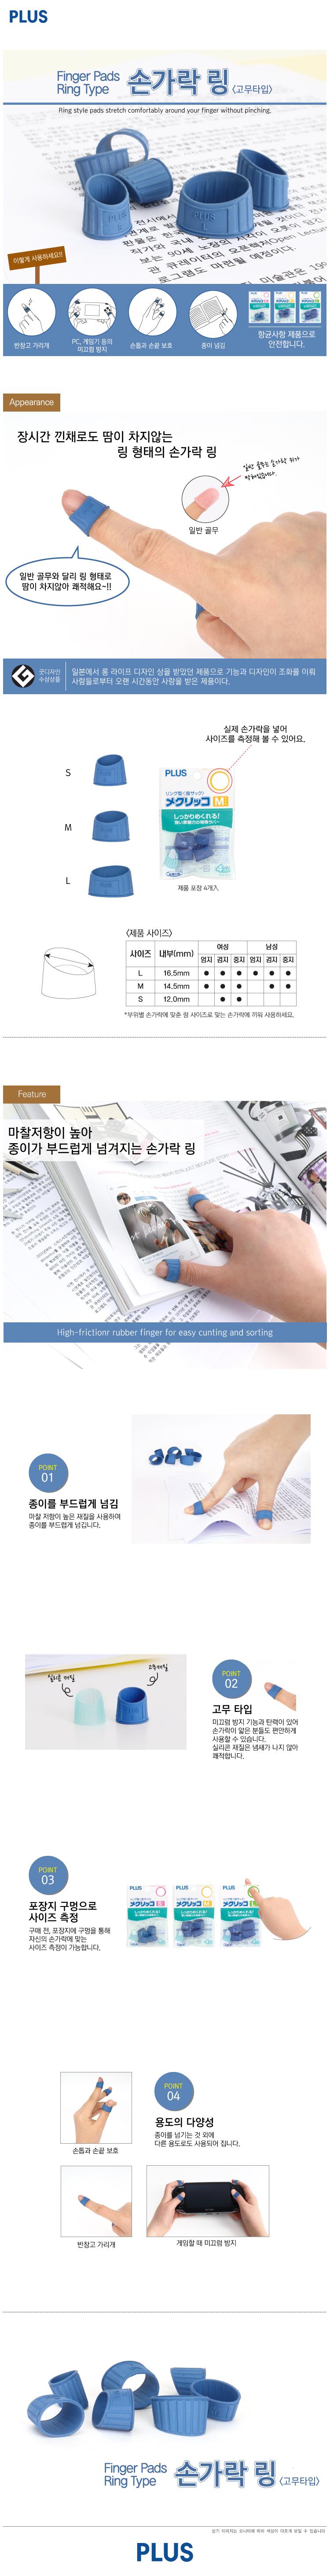 플러스 손가락 링 골무 - 쿠레타케, 3,000원, 커터기/가위, 사무용가위